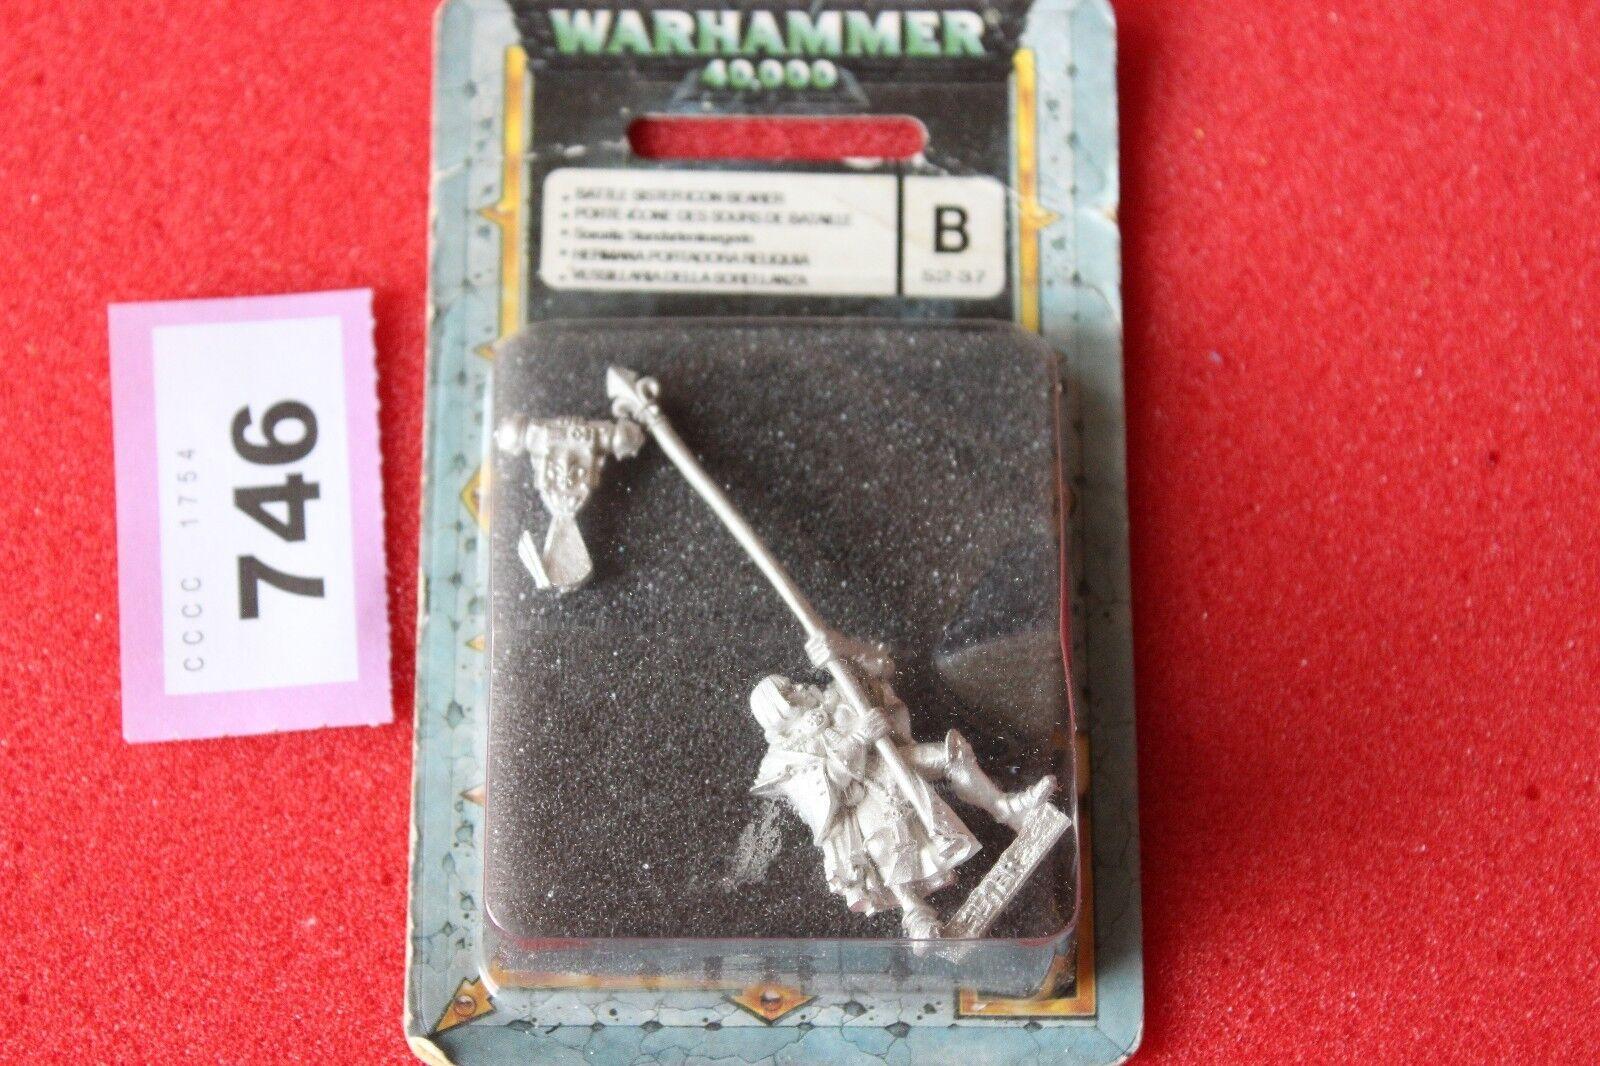 Spiele warhammer 40k workshop kampf schwestern schwester symbol fahnenträger bnib neue